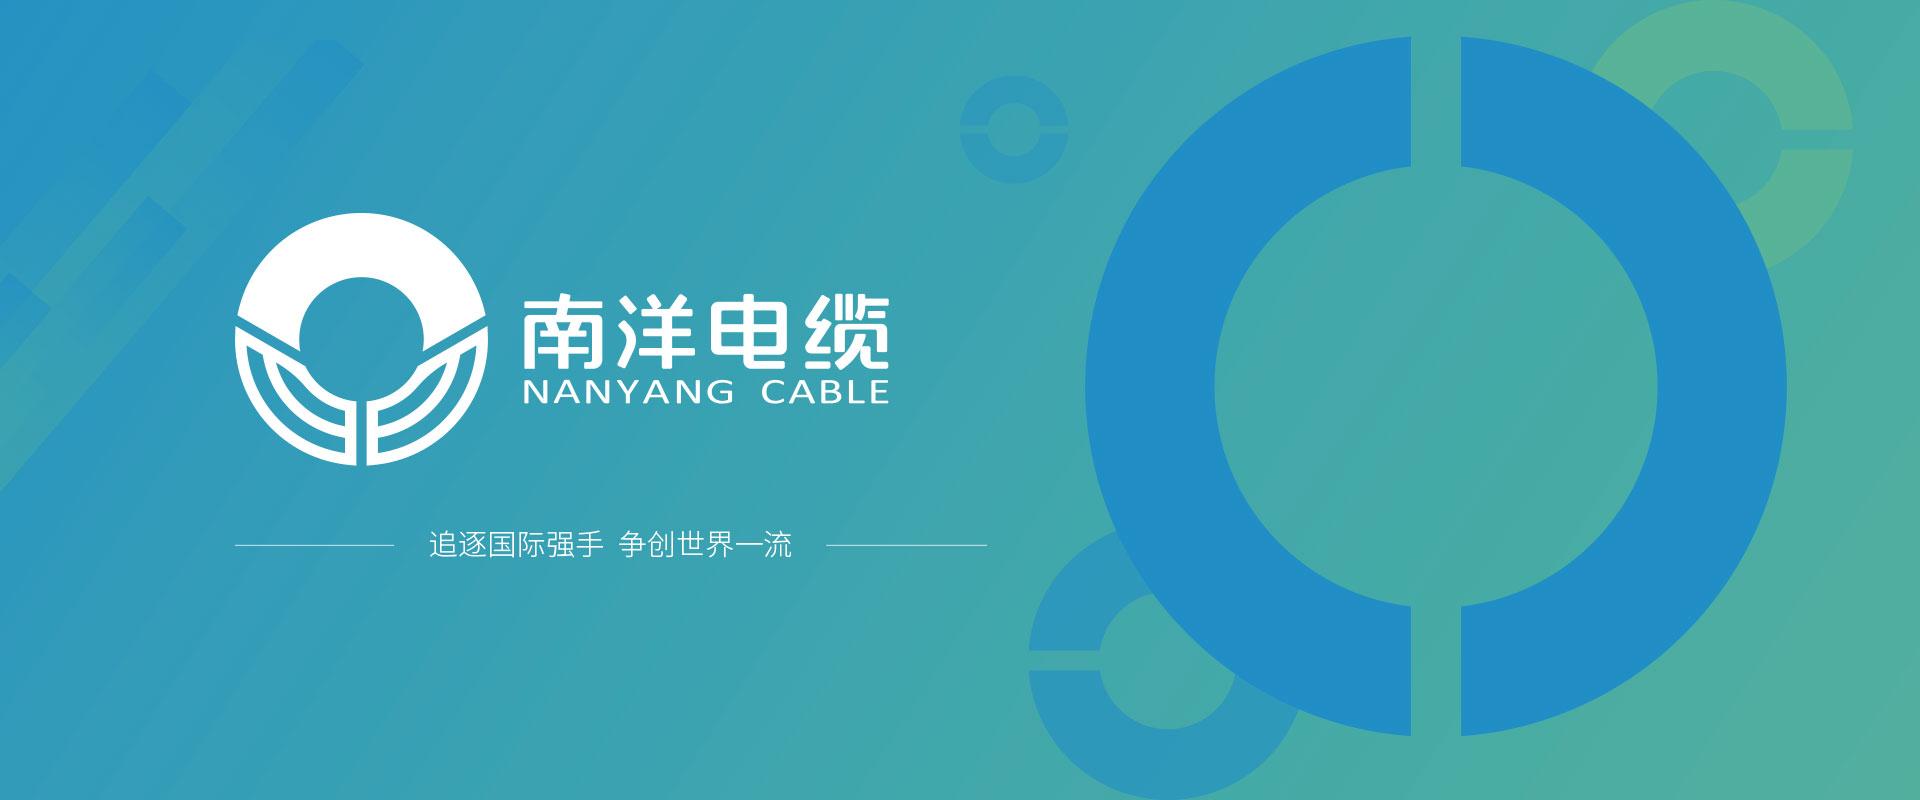 南洋电缆生产企业品牌升级